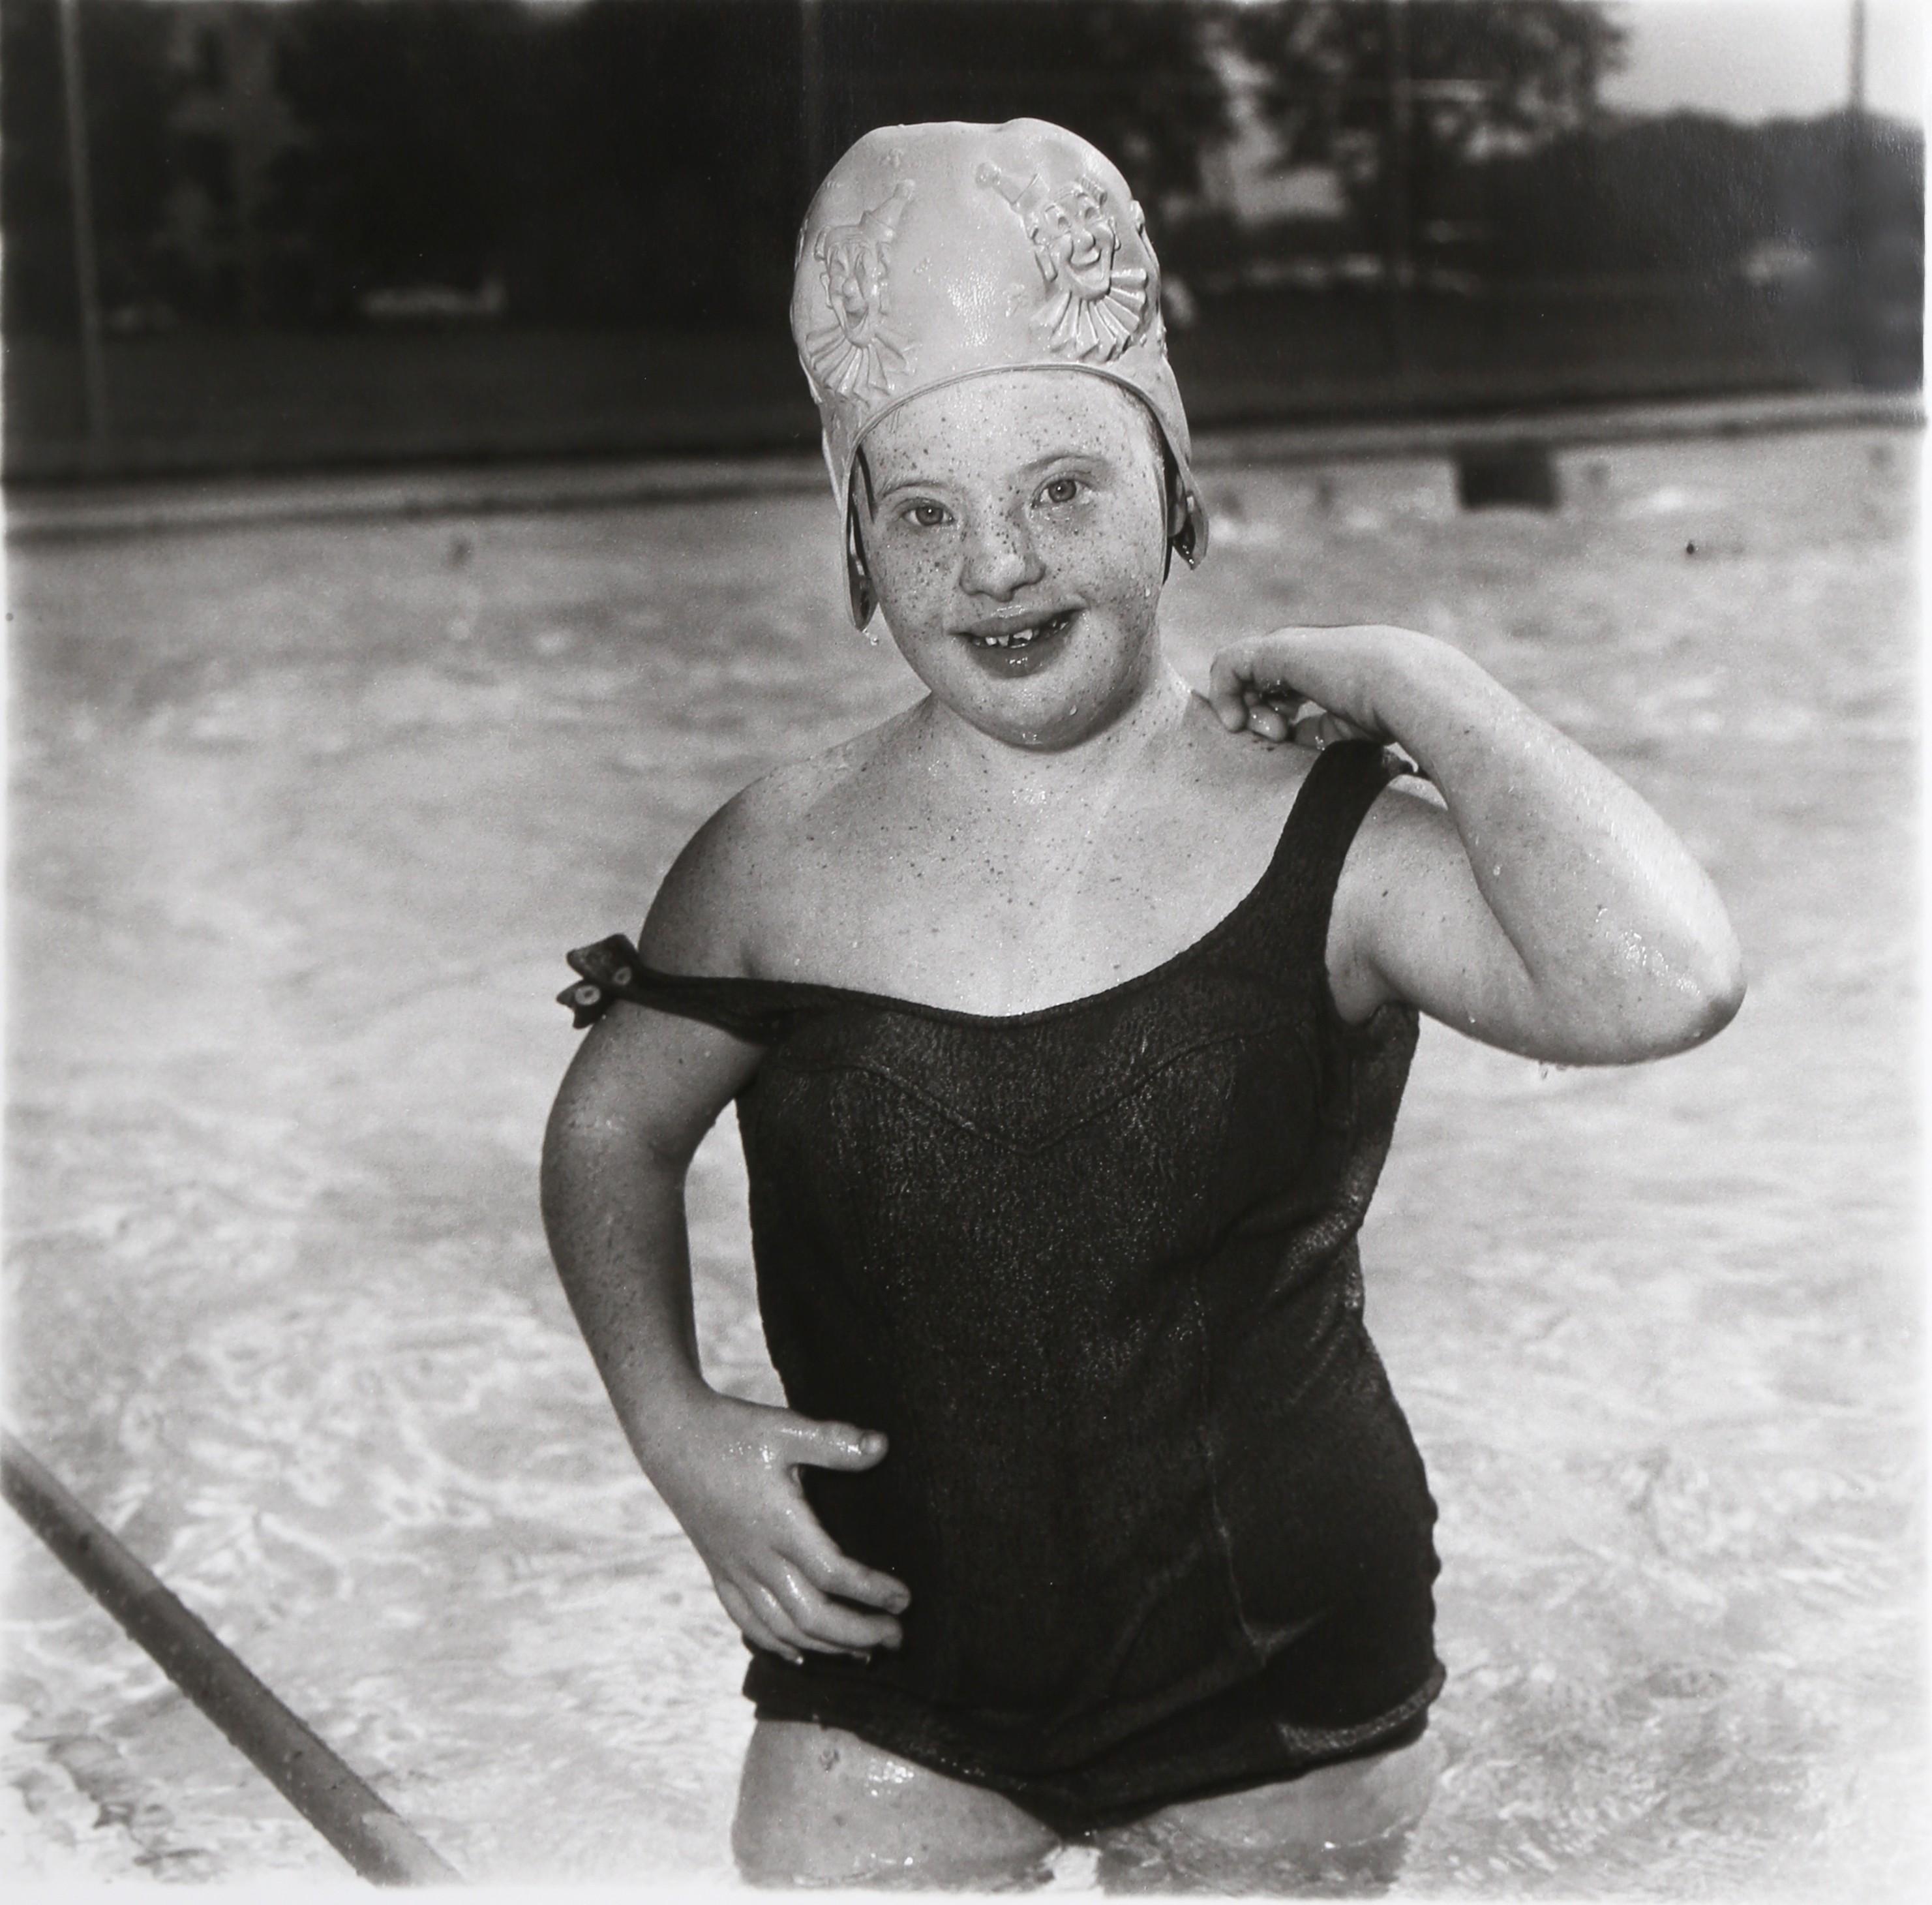 Девочка в плавательной шапочке, 1990. Фотограф Диана Арбус